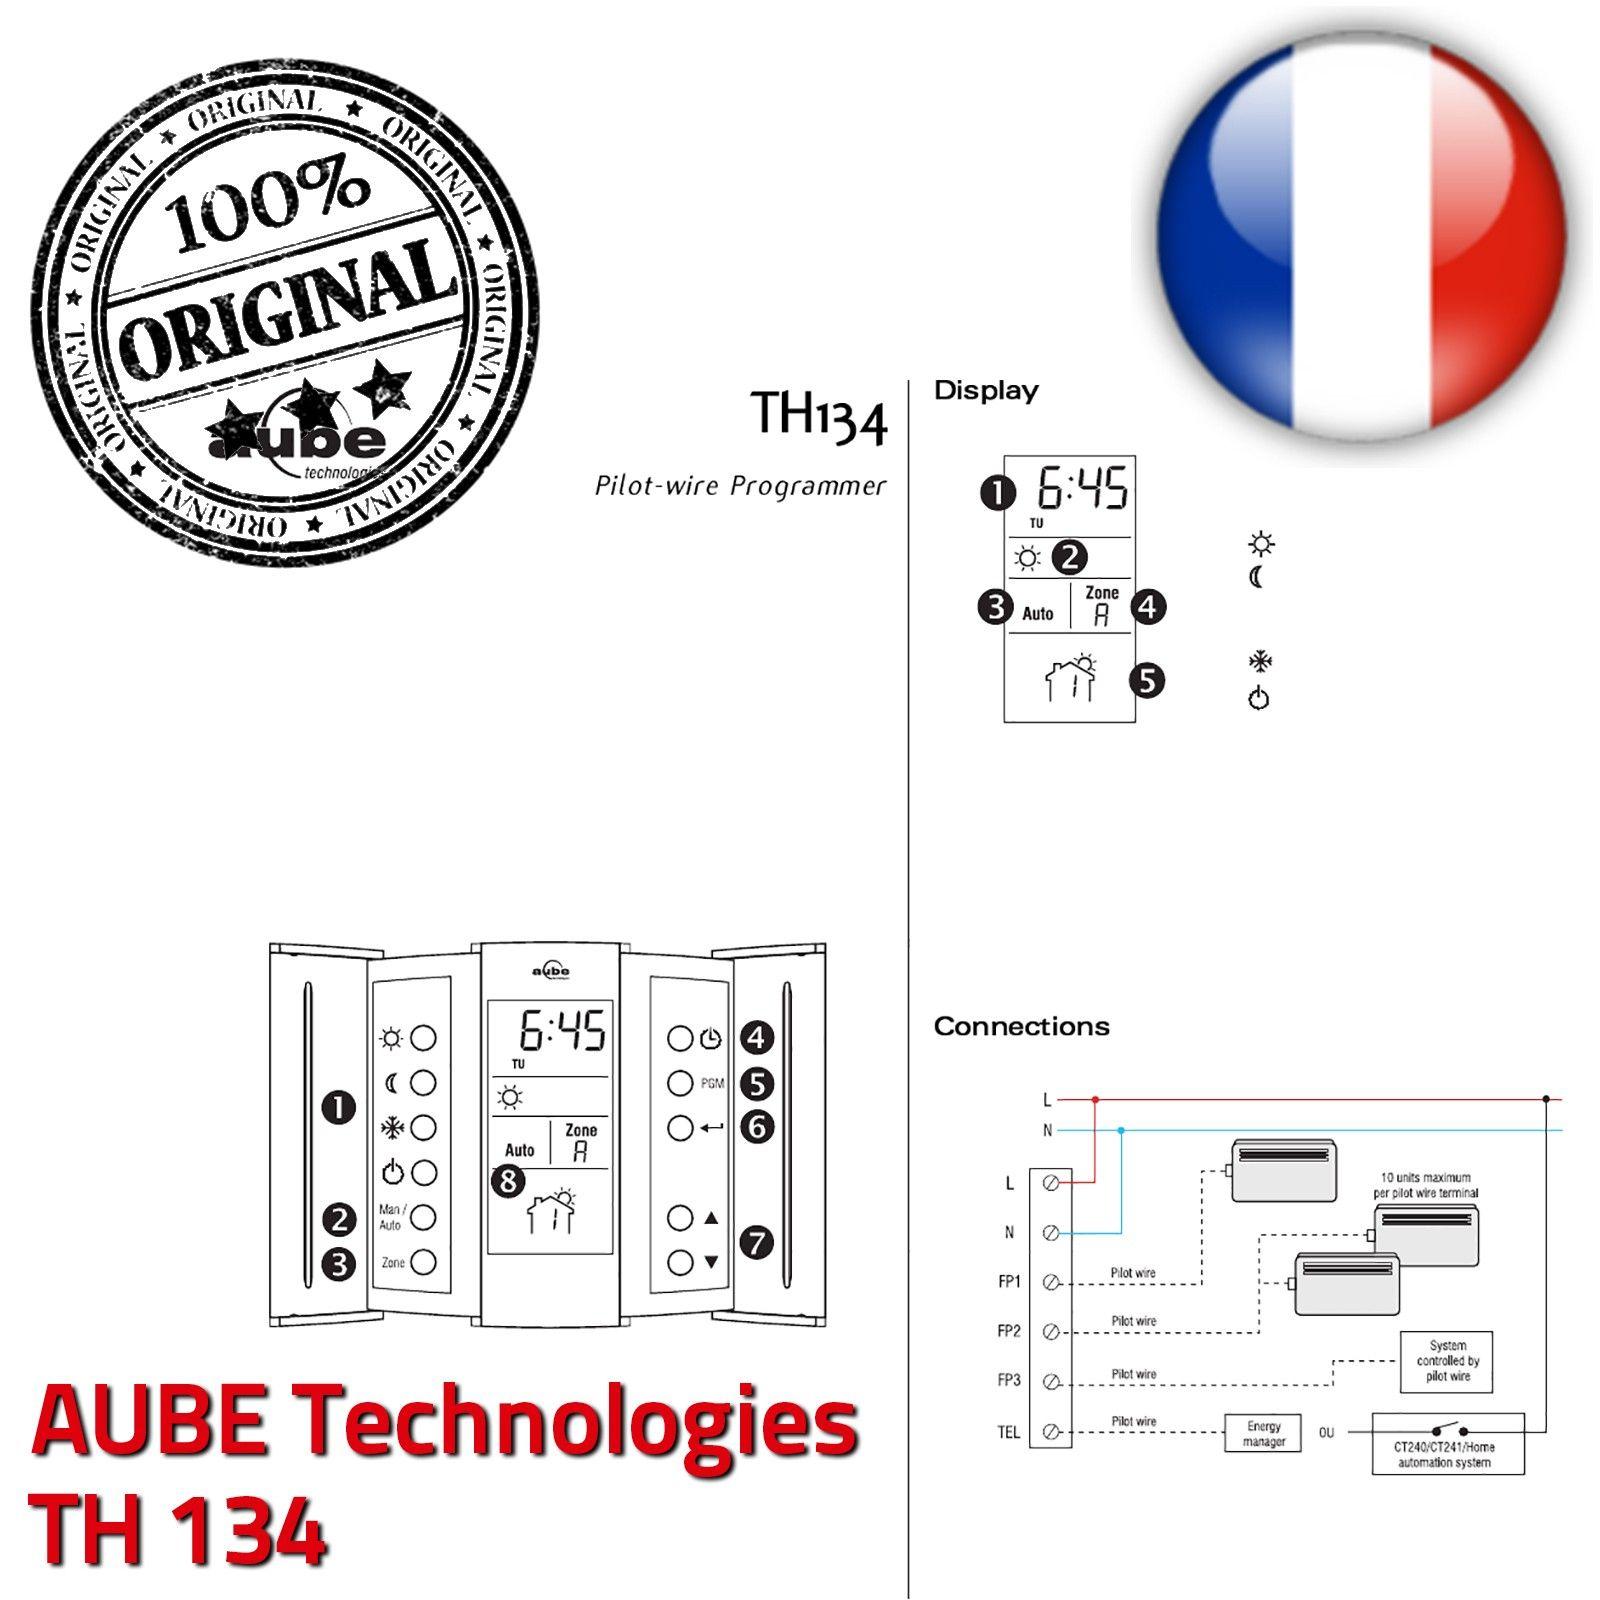 Programmateur 3 zones fil pilote aube th134 lectronique horaire pr programm commande chauffage for Programmateur chauffage electrique fil pilote connecte